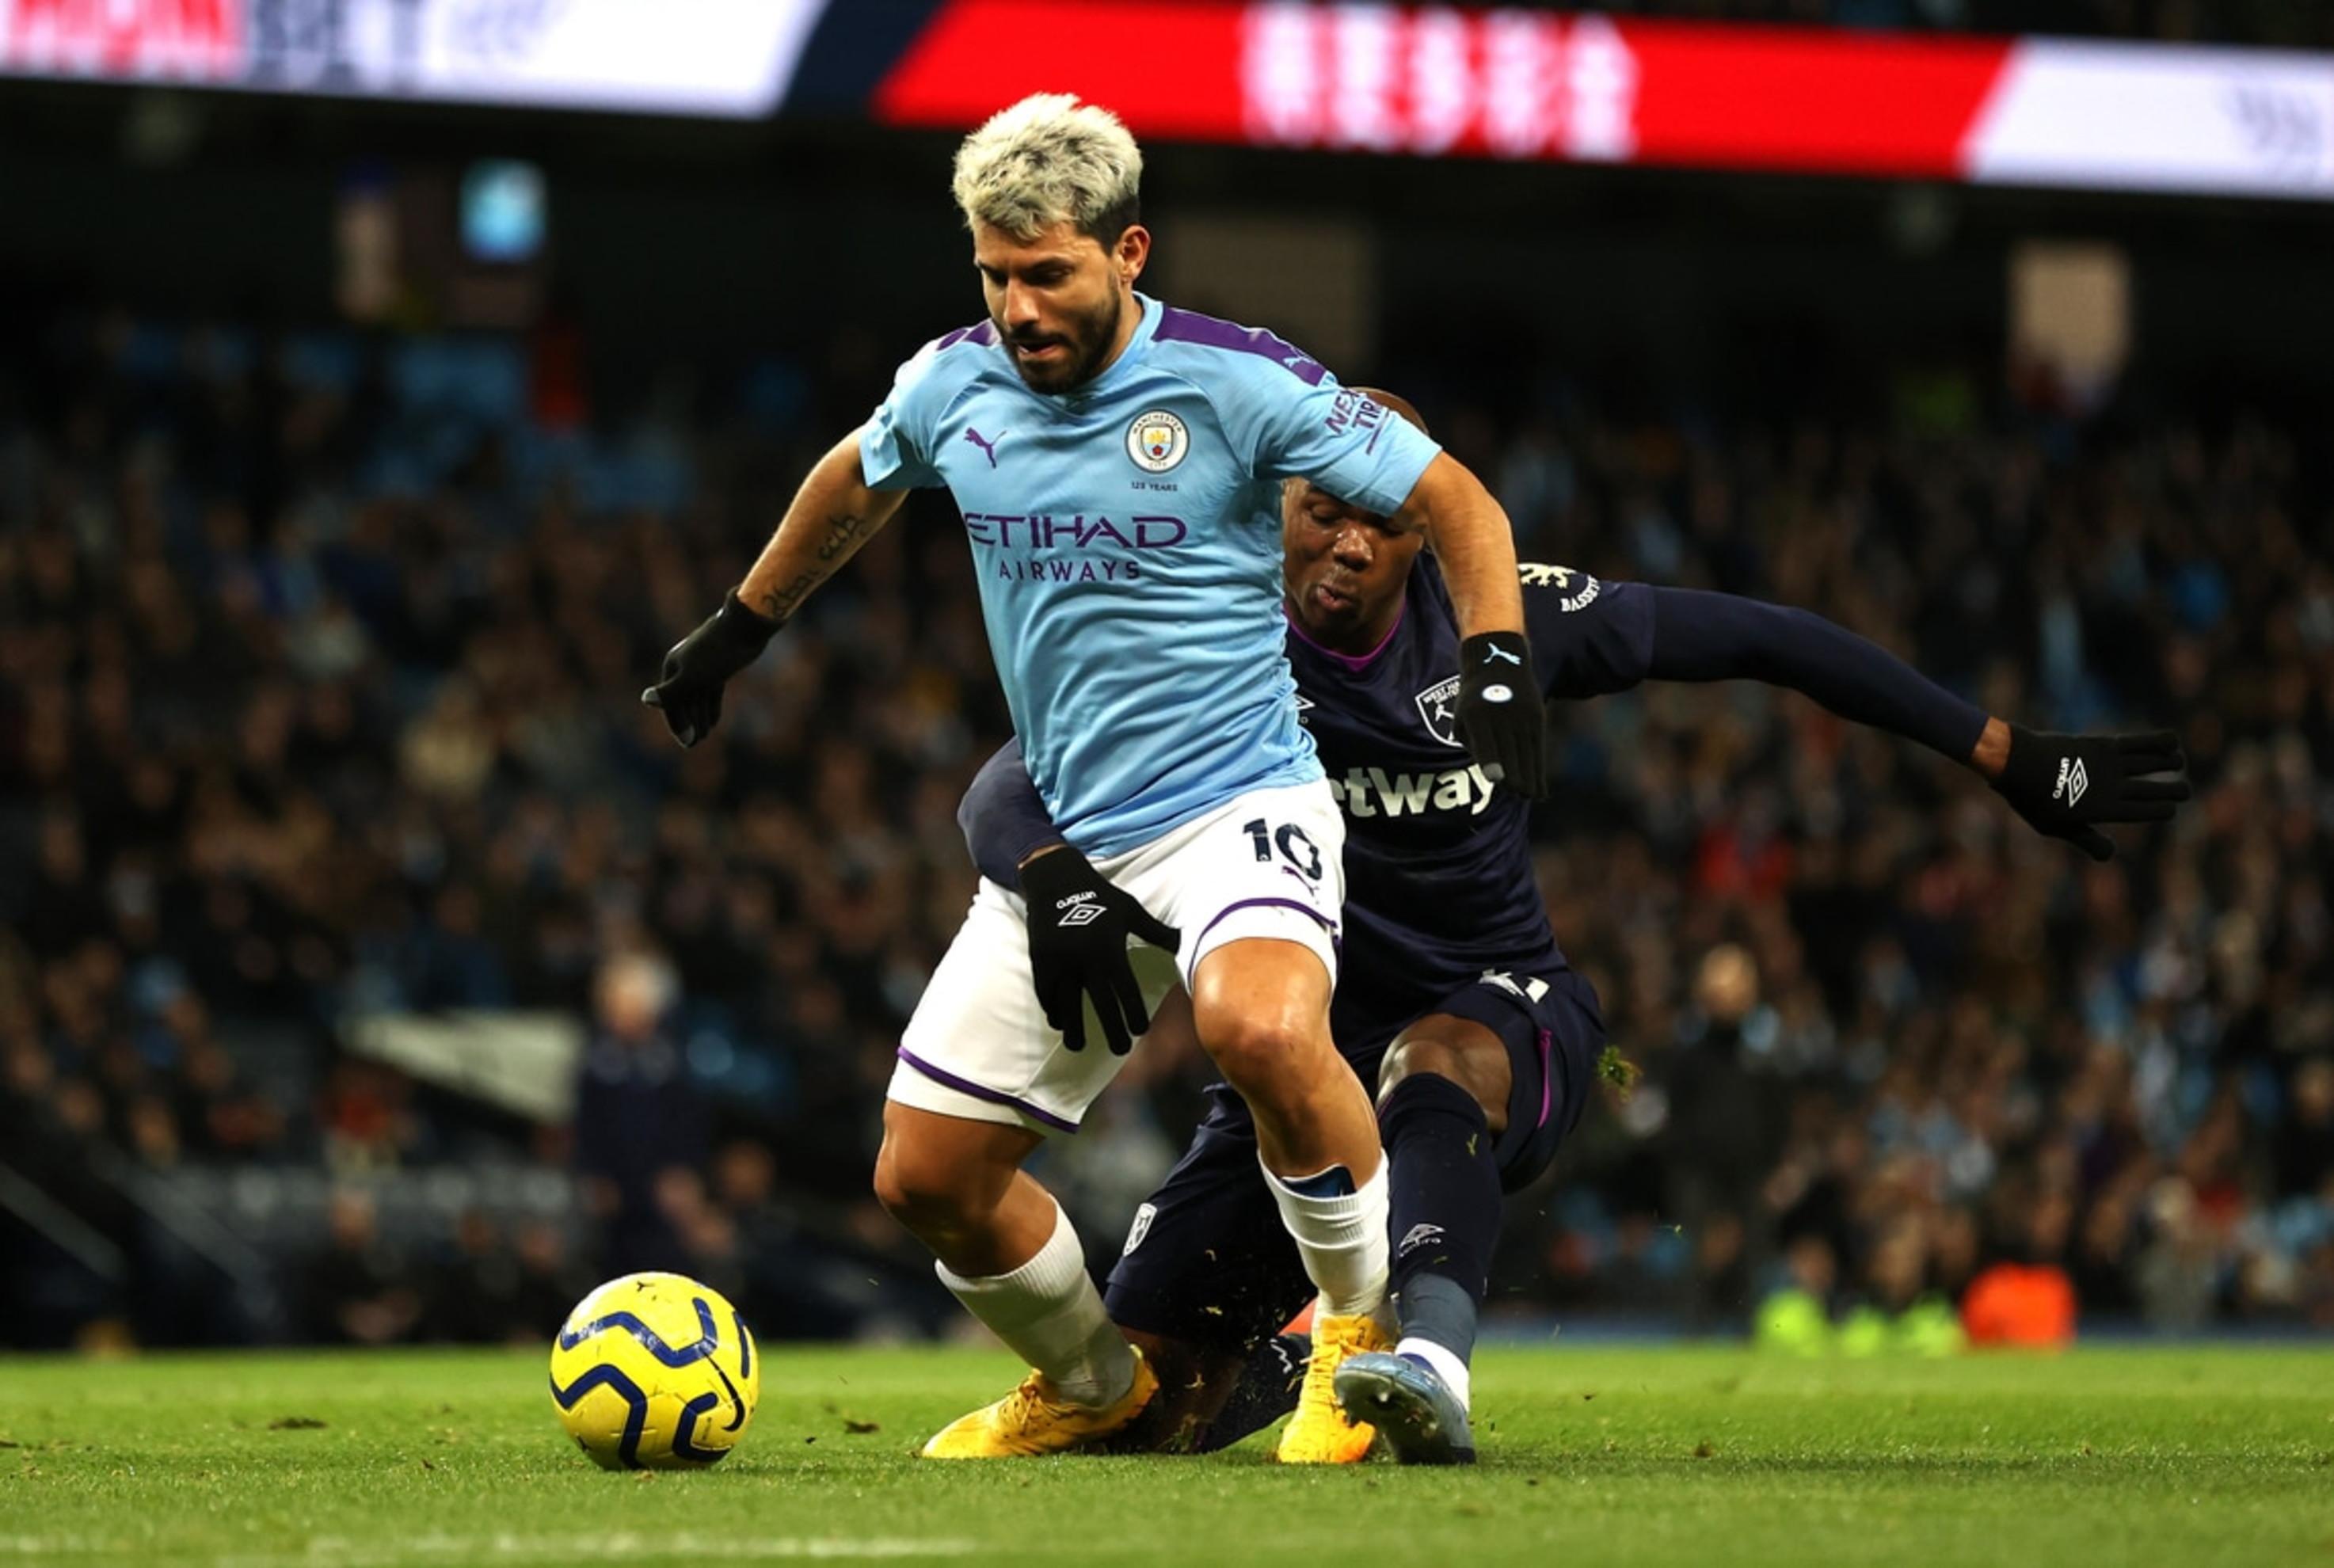 Il Manchester City ha vinto 2-0 contro il West Ham nel recupero della ventiseiesima giornata di Premier League, ma più che per la vittoria degli uomini di Guardiola la partita ha fatto scalpore per quanto accaduto fra Ogbonna e Aguero, con il difensore italiano protagonista di un intervento ai limiti della… molestia. Il Kun è lanciato verso la porta e per fermarlo l'ex Juve opta per una presa, anche piuttosto stretta, proprio lì dove non batte il sole. L'episodio è diventato subito virale sui social, dove in tanti si sono chiesti, legittimamente, perché non sia intervenuta il VAR, mentre altri hanno paragonato l'immagine alla condizione del City, stretto nel pugno duro della UEFA...